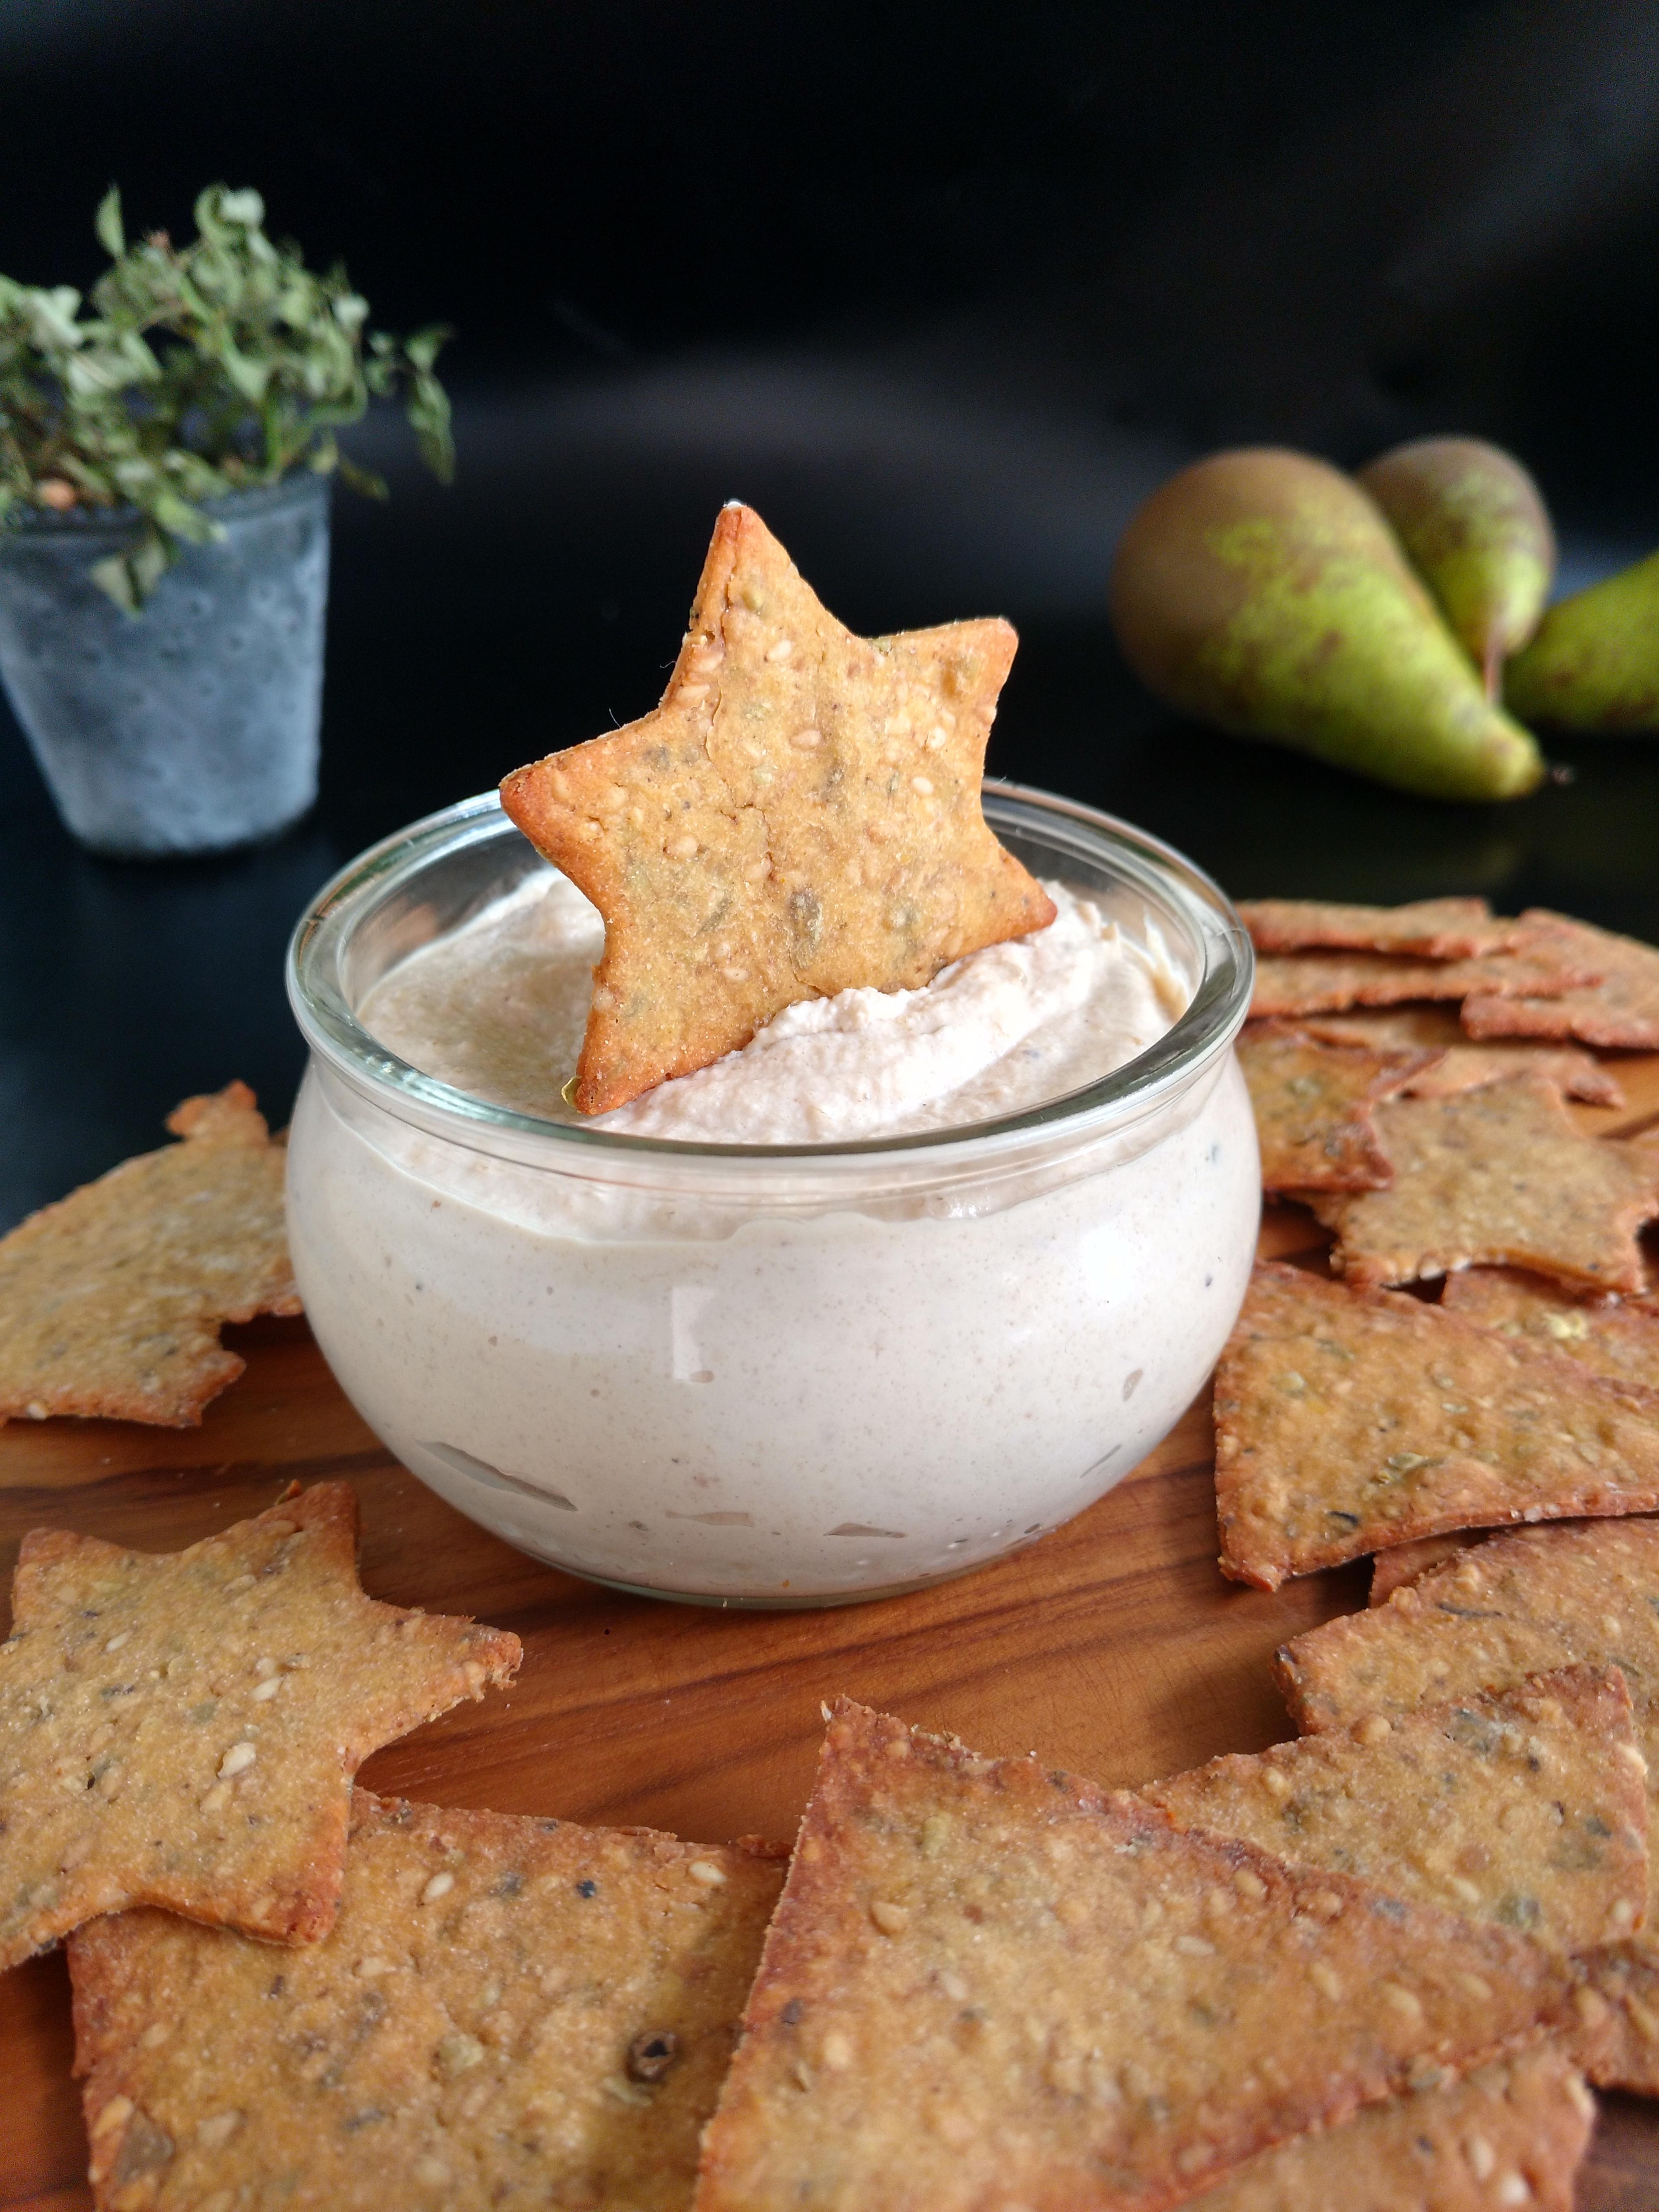 würzige, glutenfreie Tortilla-Chips mit Miso-Dip.